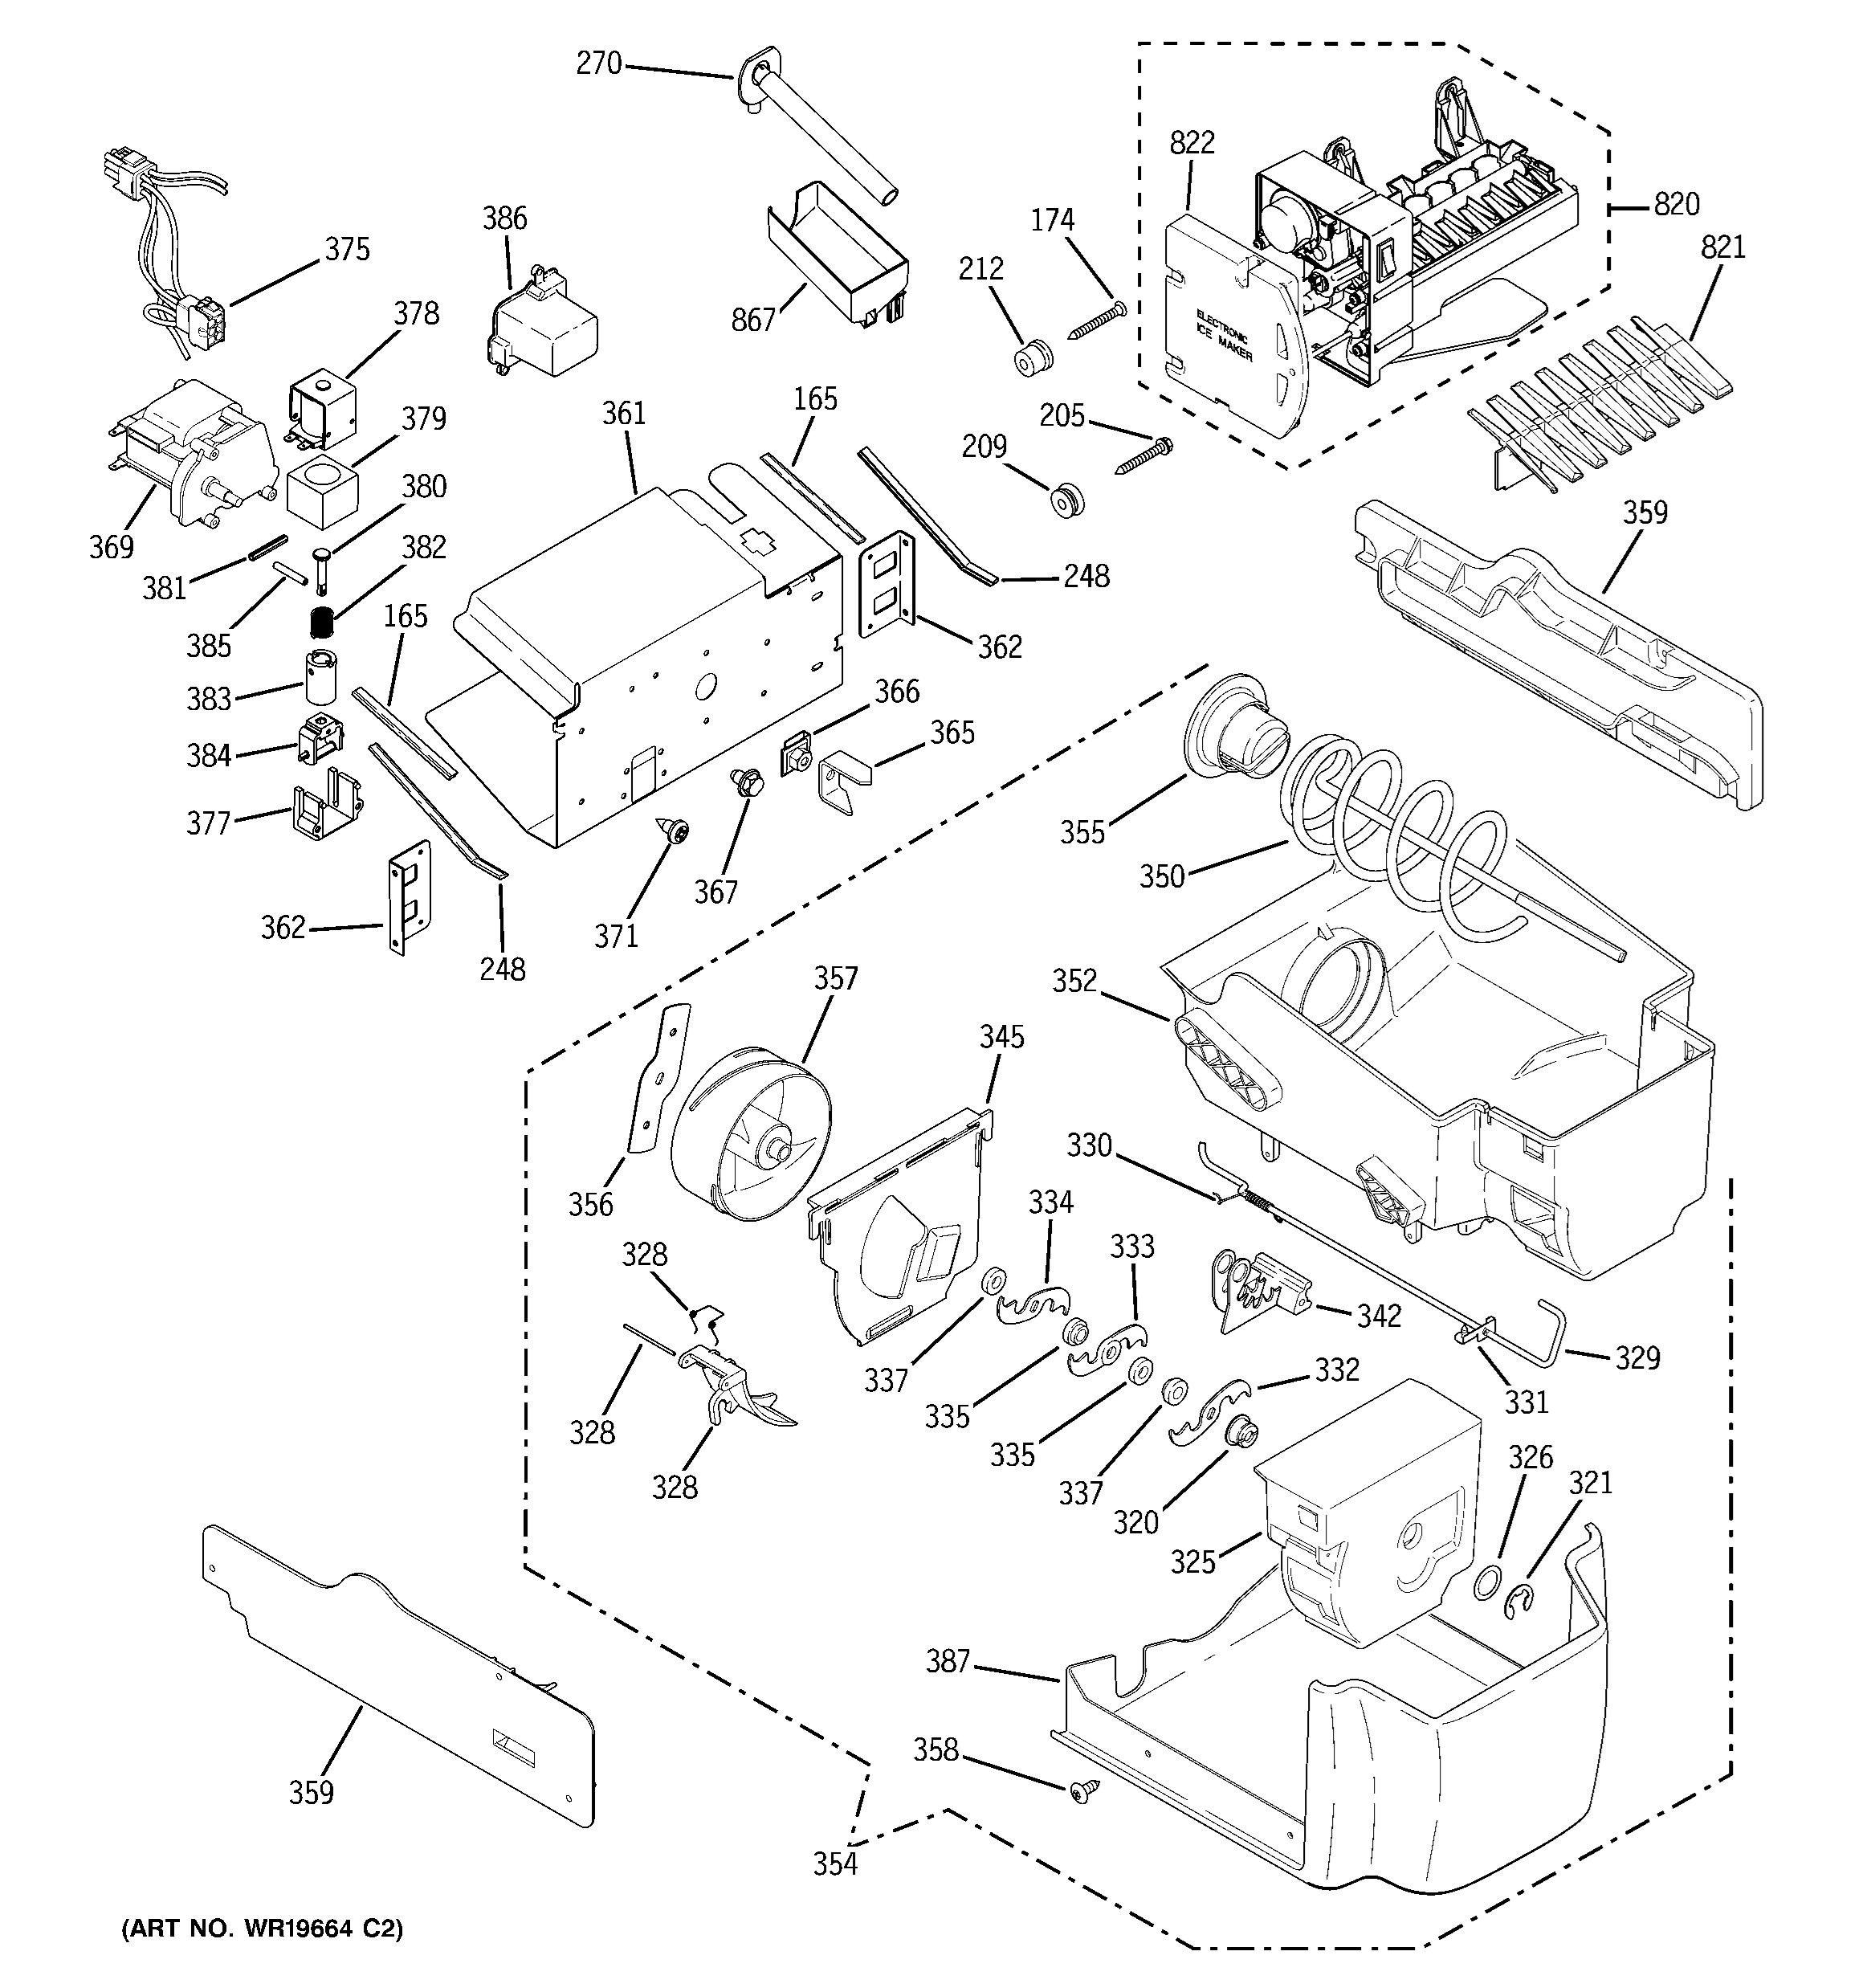 GeneralElectricImg_00115700_00115773.i06?width=2000 ge sxs refrigerator wiring diagram wiring diagram ge refrigerator,Wiring Diagram Northstar Ice Maker